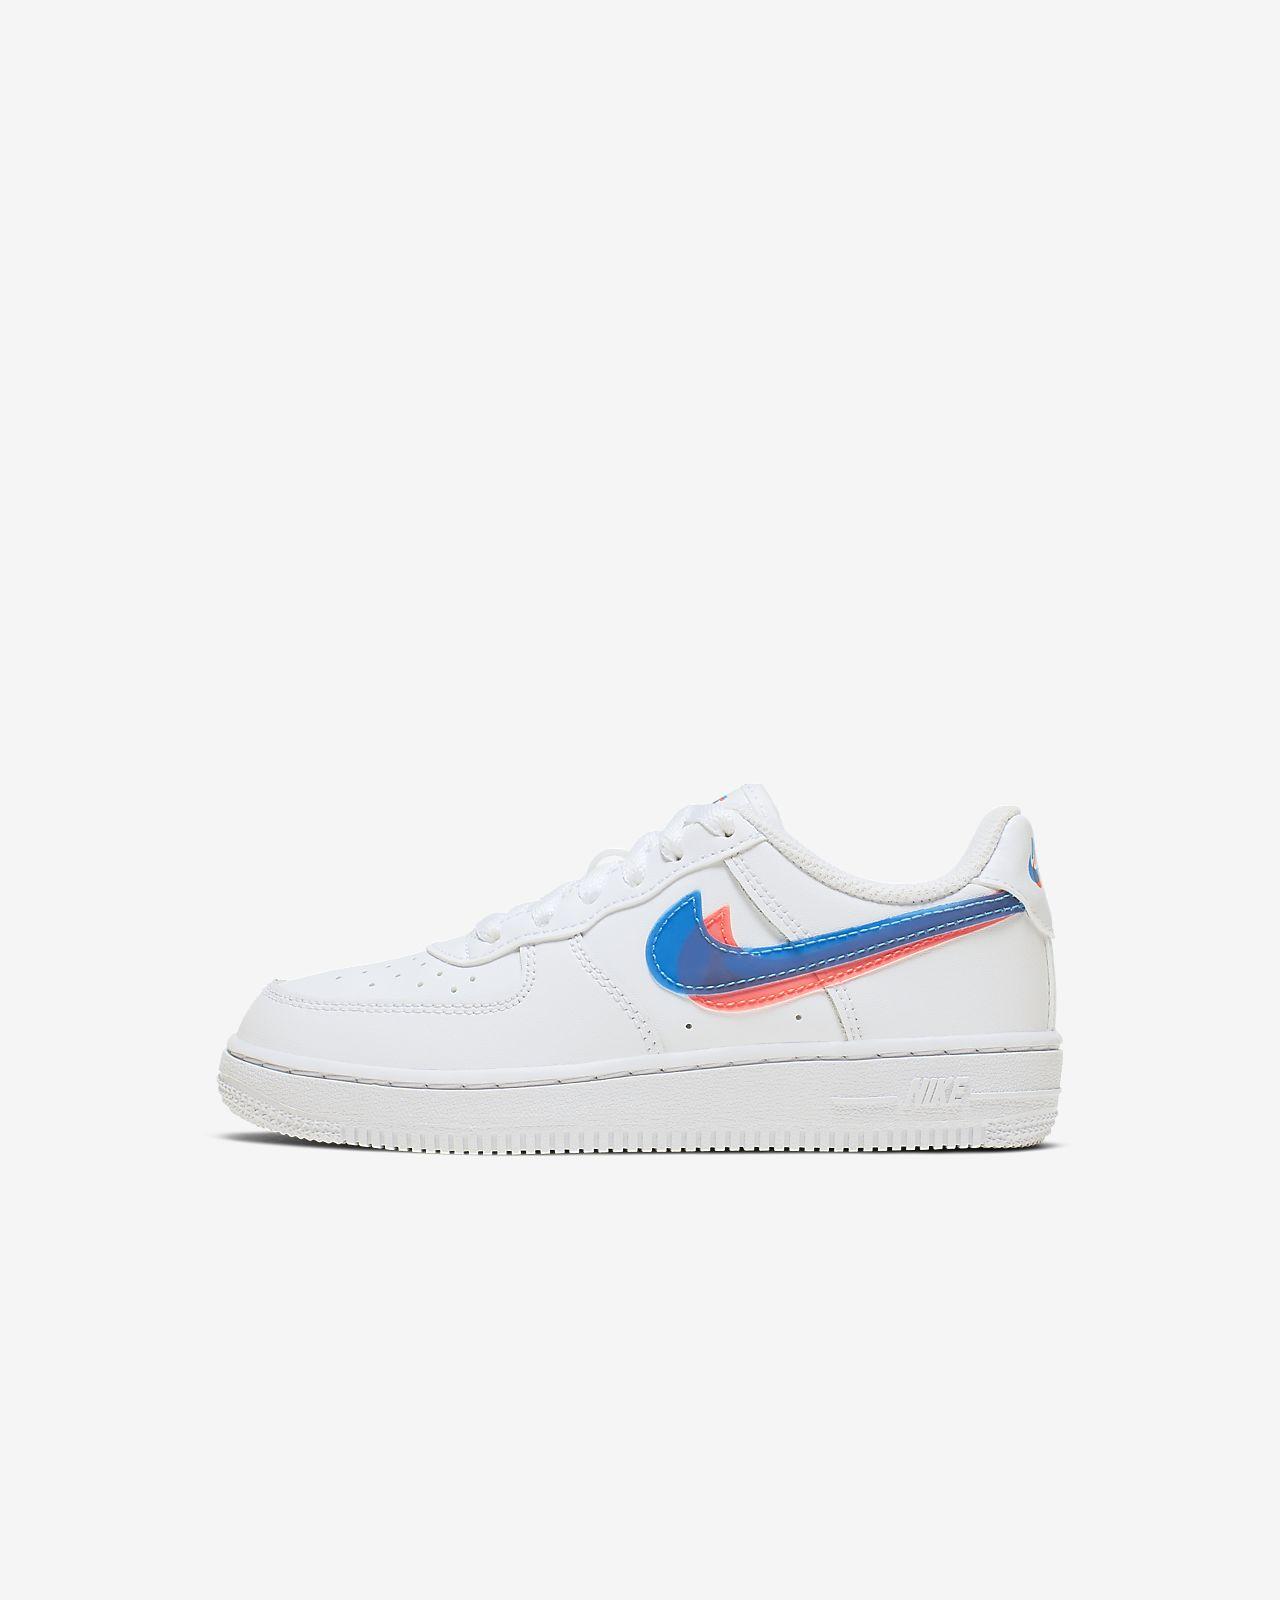 Mädchen Schuhe Nike Air Force 1 Schuh für jüngere Kinder (27